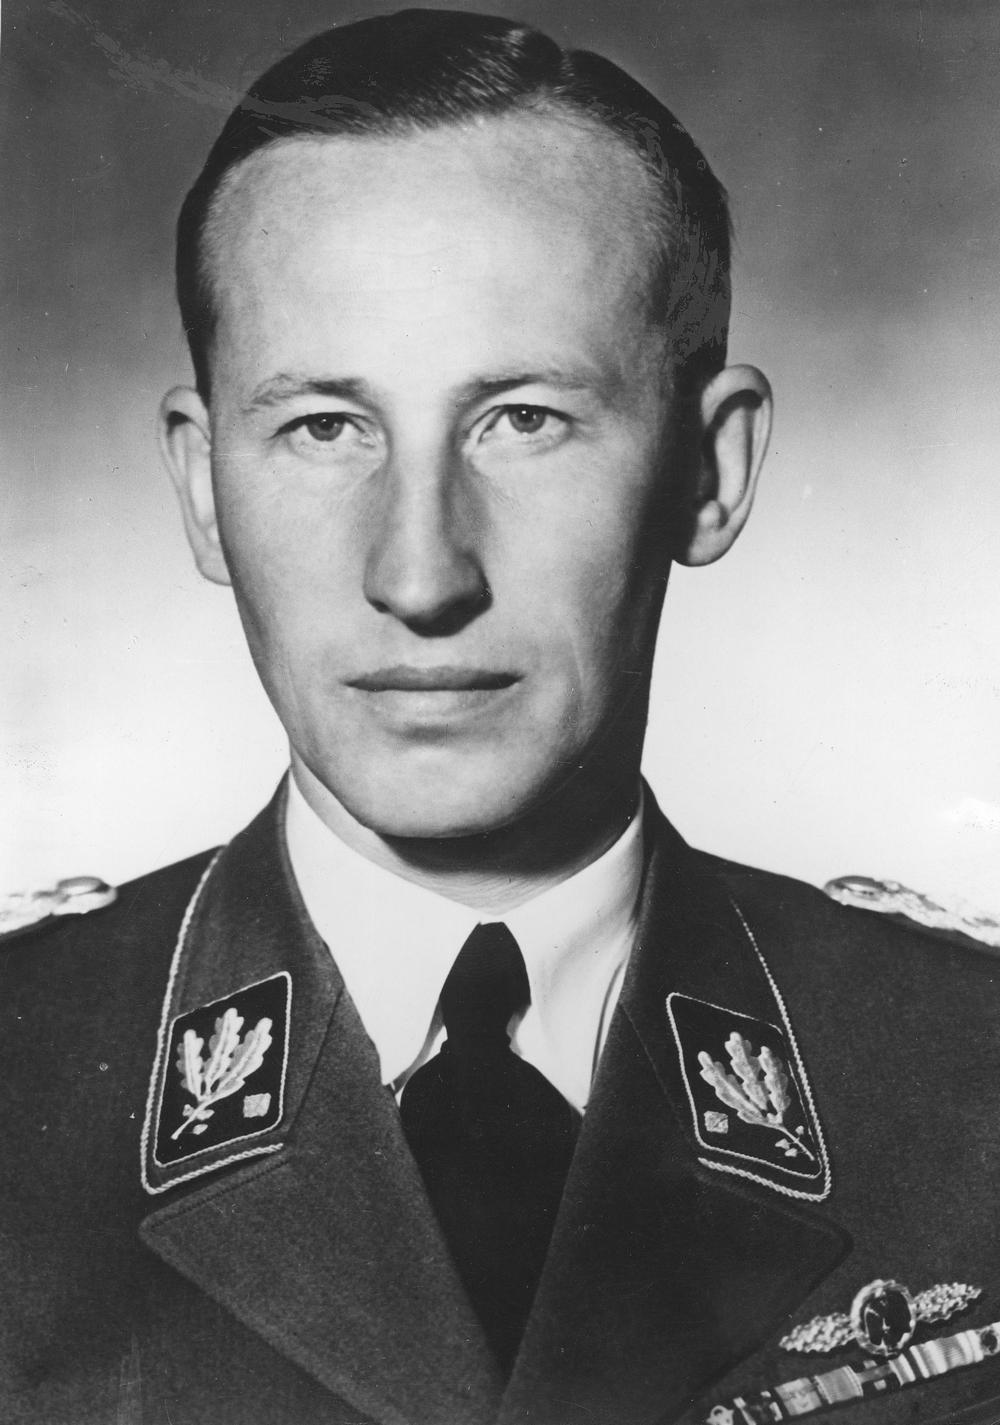 Plan zalana Wielkiej Brytanii fałszywymi funtami pojawił się już w połowie września 1939 roku na spotkaniu z szefem Głównego Urzędu Bezpieczeństwa Rzeszy Reinhardem Heydrichem (źródło: domena publiczna).